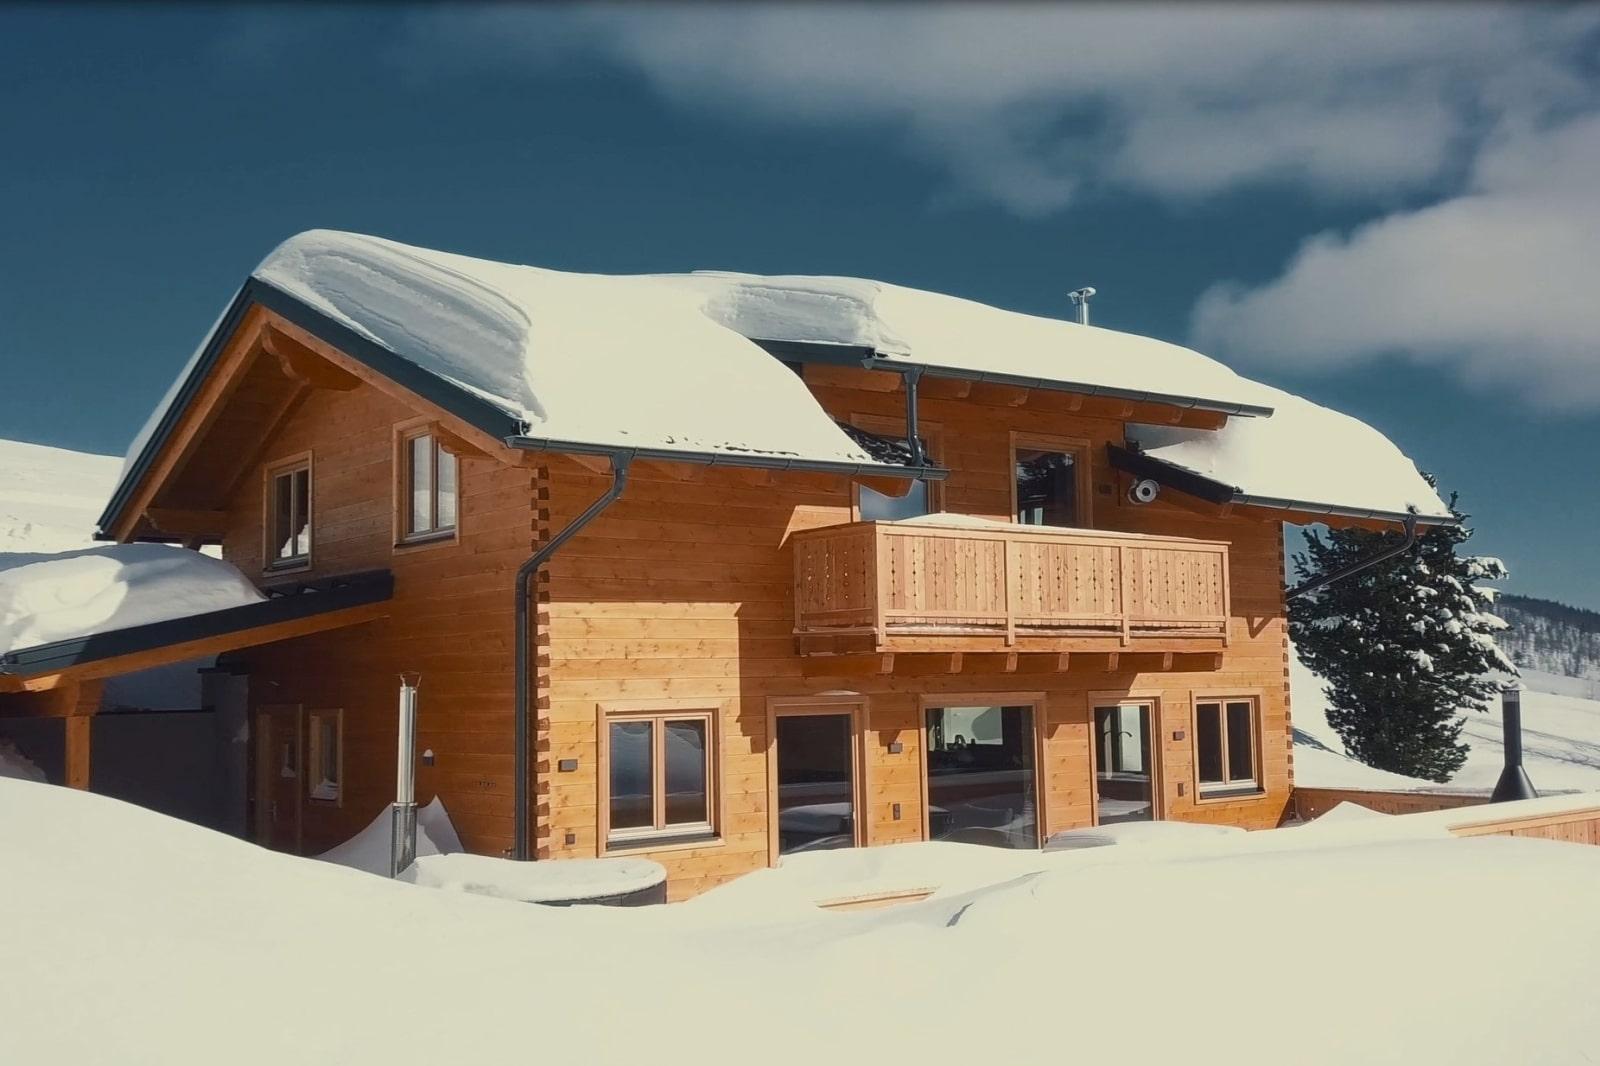 Heidi-Chalet-Falkert-Heidialm-Bergwinter-Drausicht-Winter-Terrasse-Hotpot